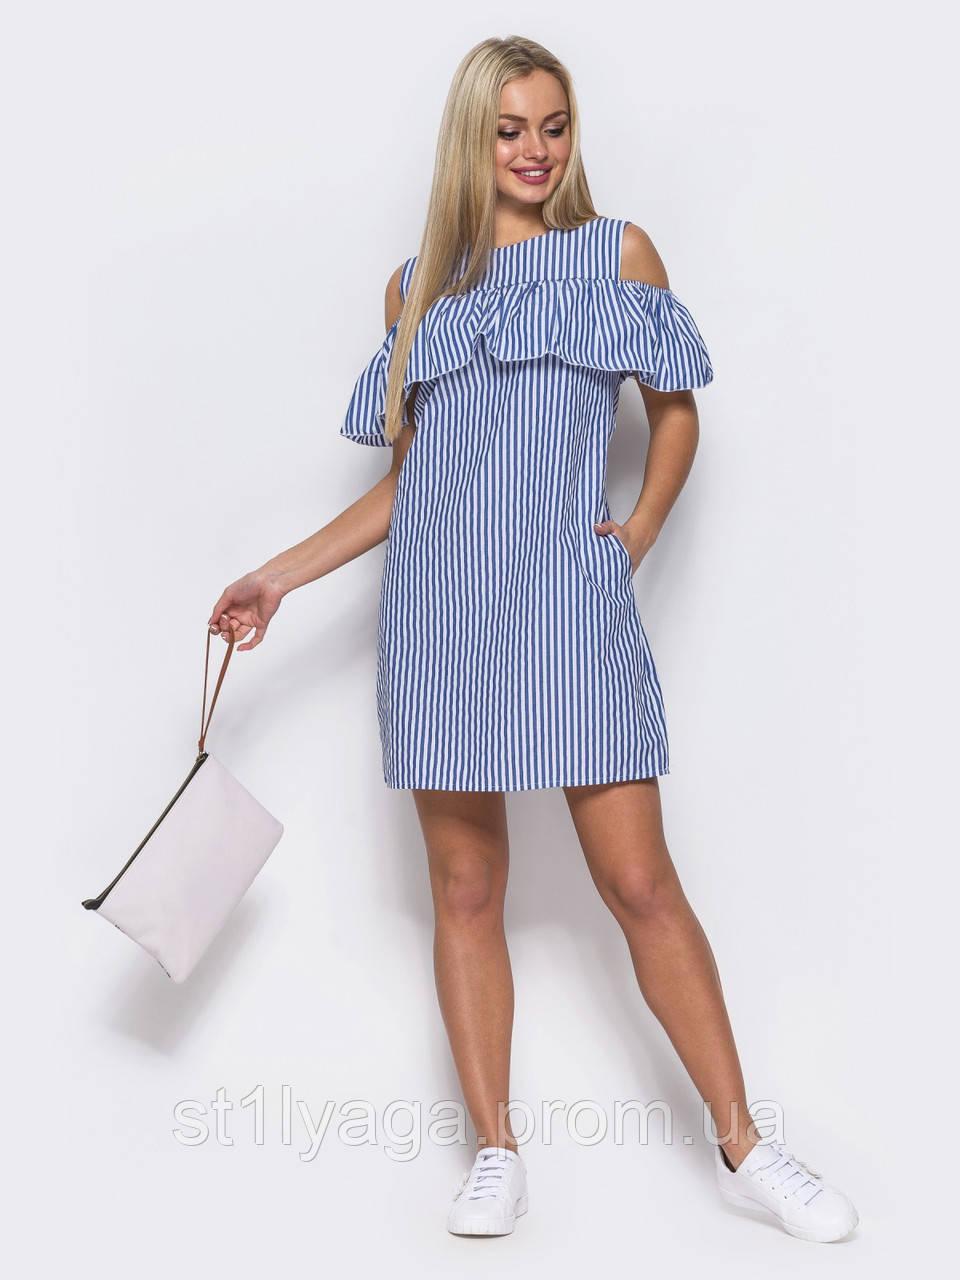 Ніжна сукня з вирізом на плечах і зручними кишенями з боків синя смужка